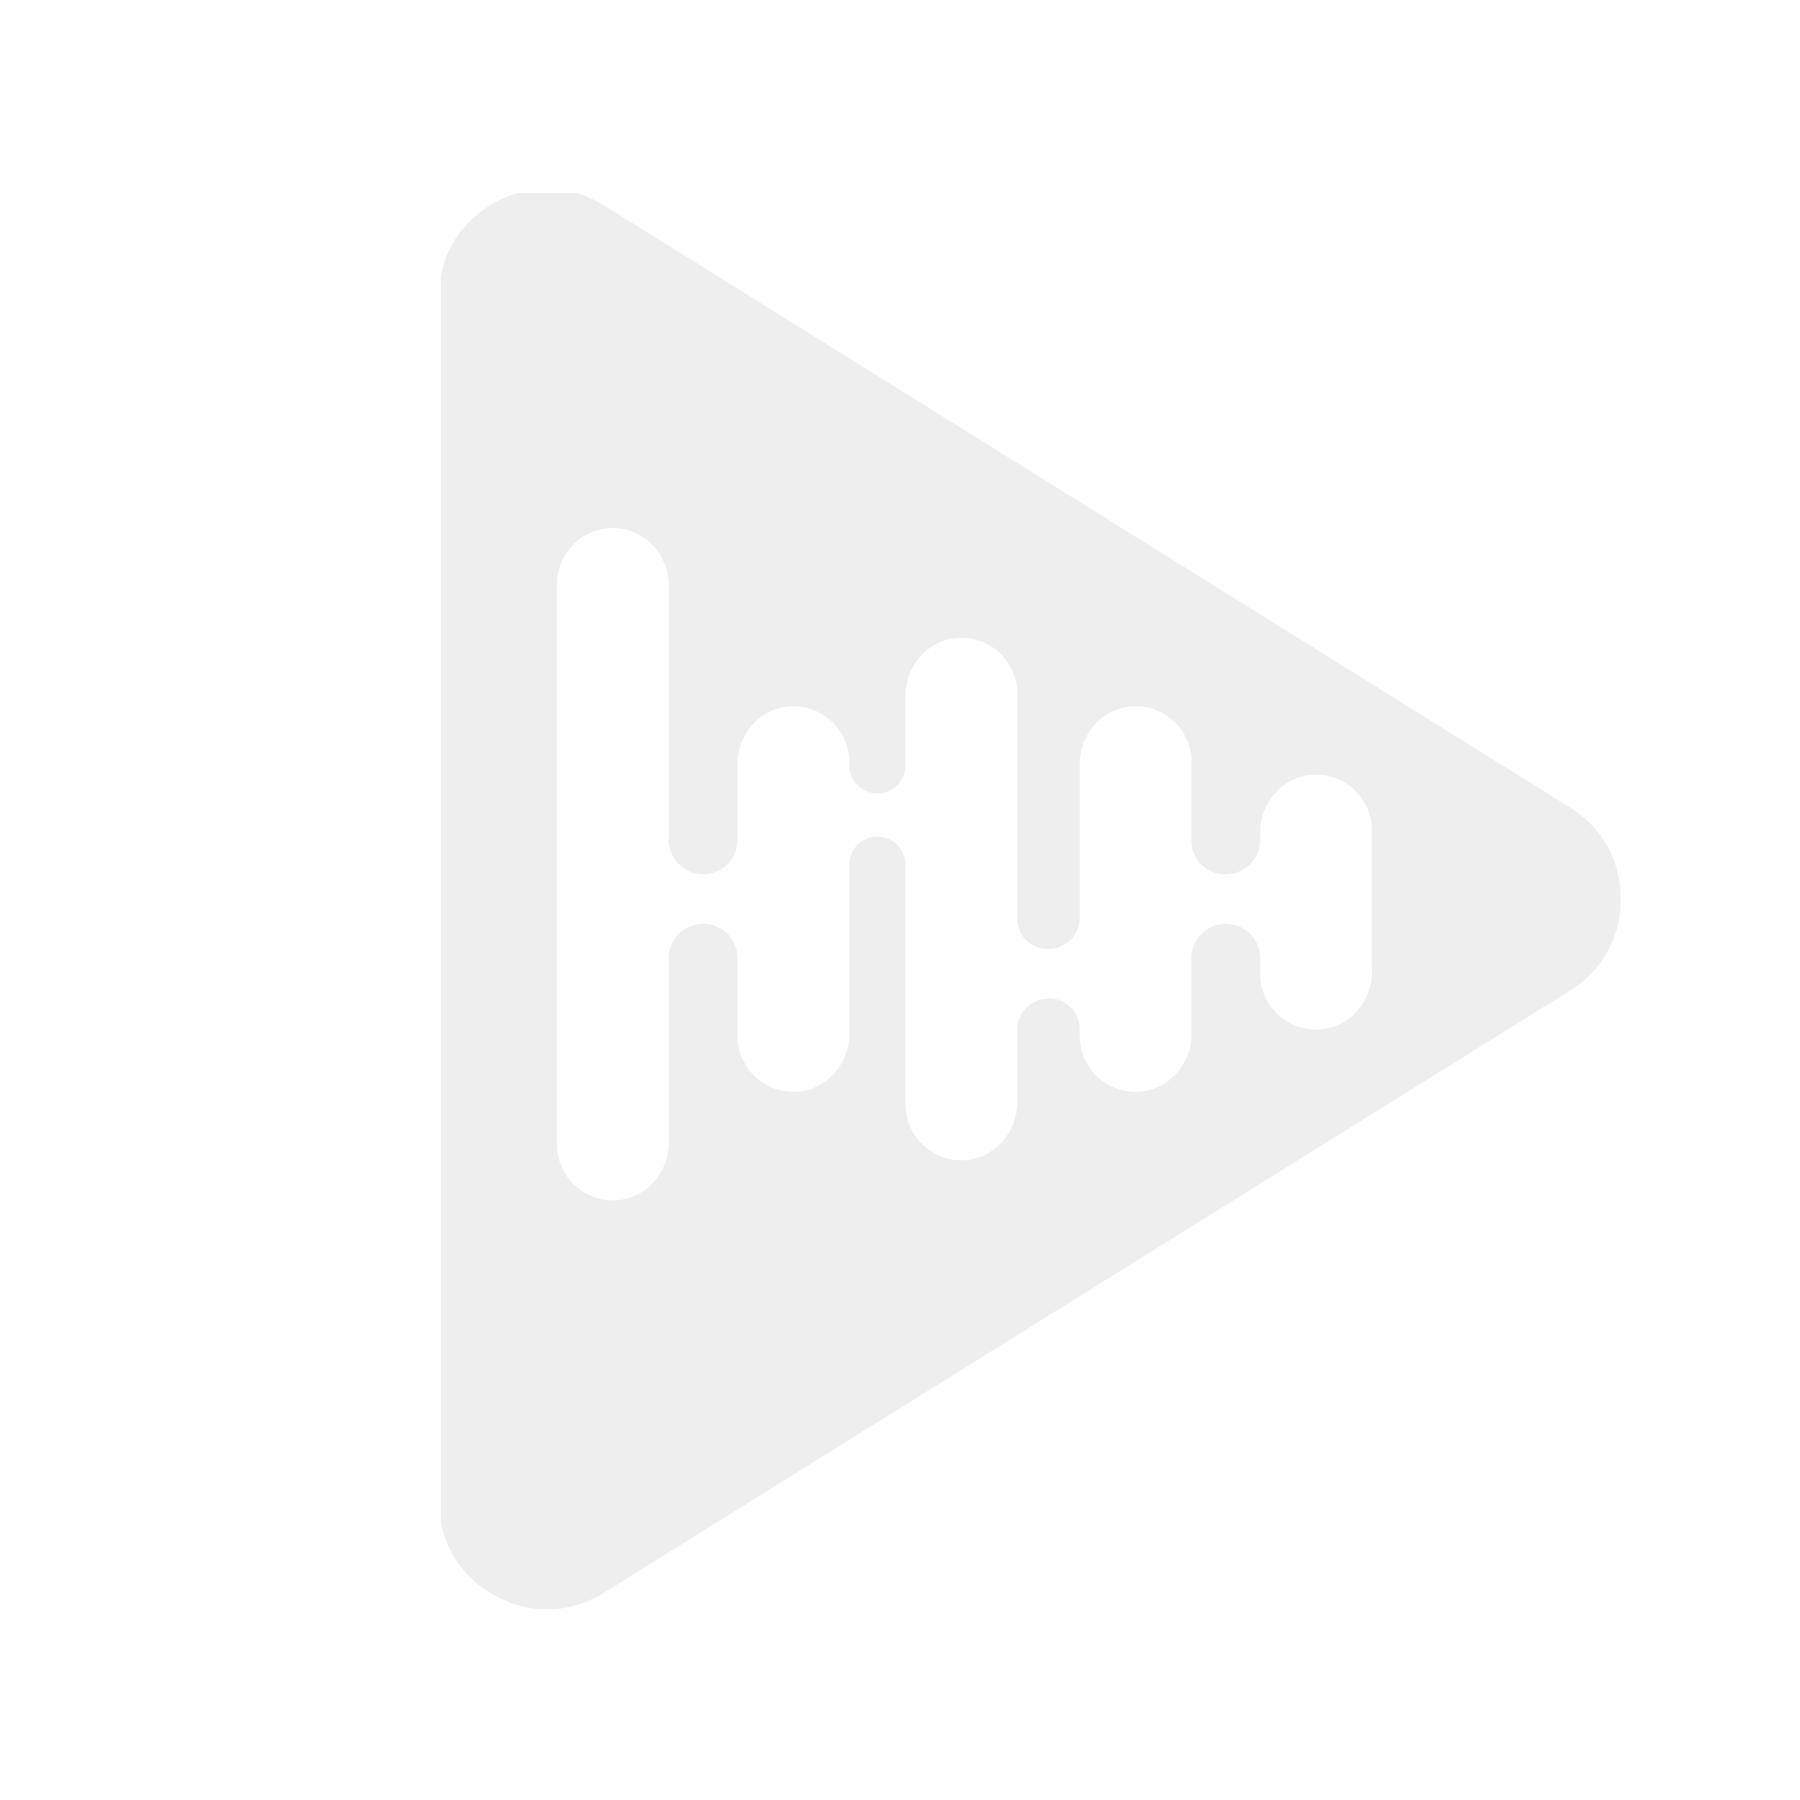 StP SPL 04 SPLEN - Varmeisolerende og lydabsorberende materiale /m lim, 4mm (2,25m2)